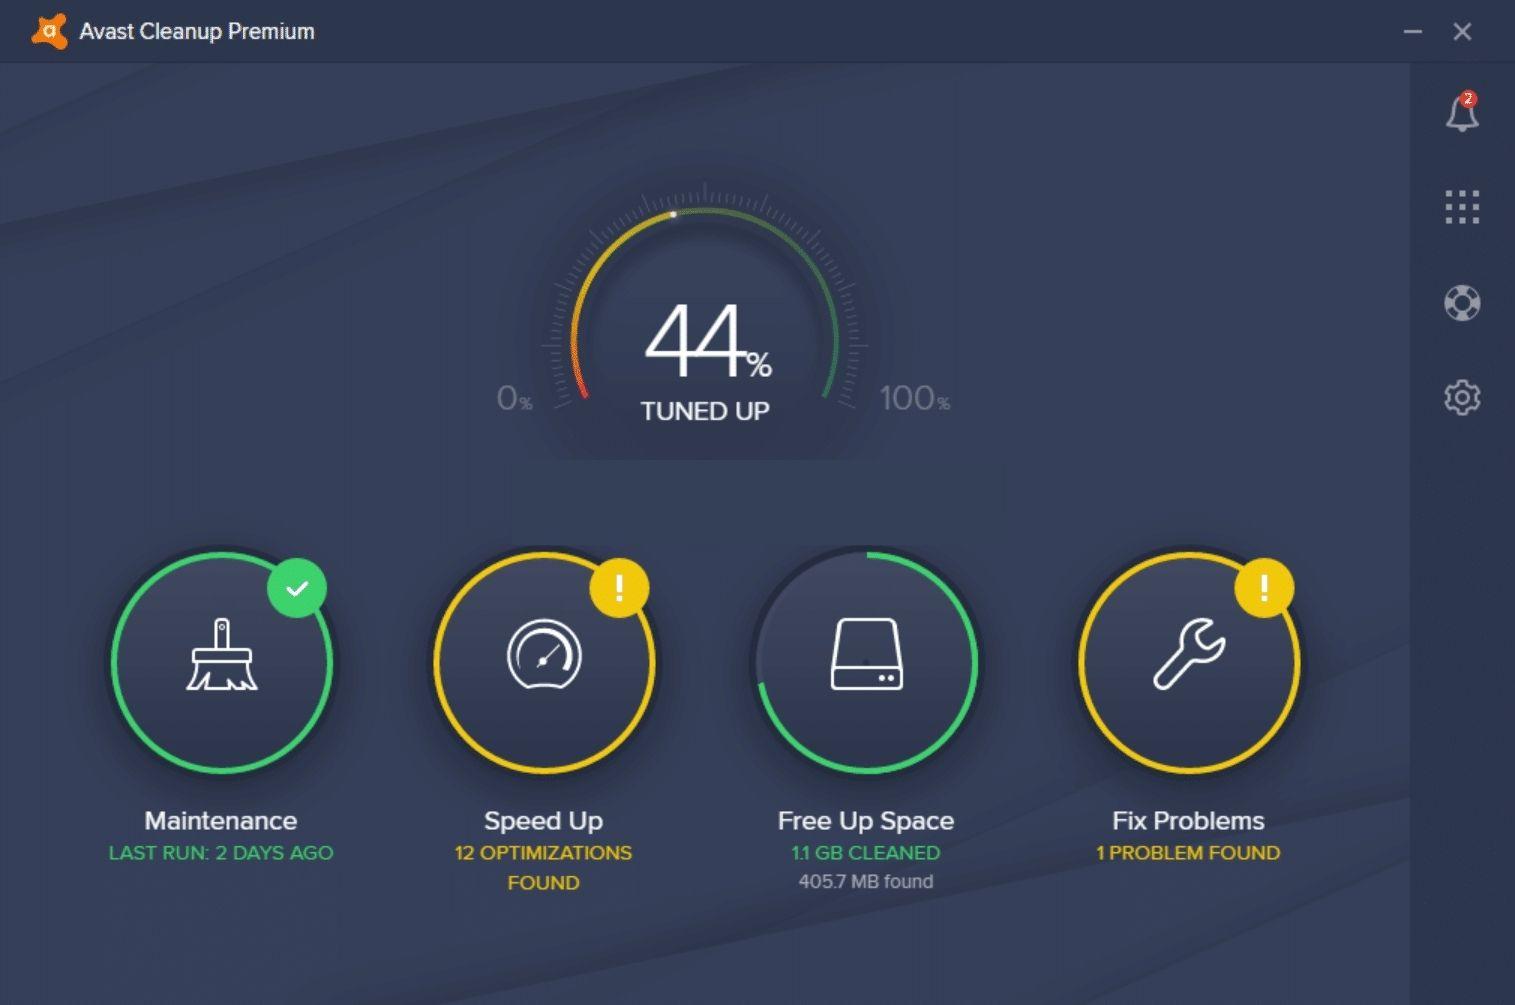 Giới thiệu về Avast Cleanup Premium 2020 – Phần mềm dọn dẹp và tăng tốc PC